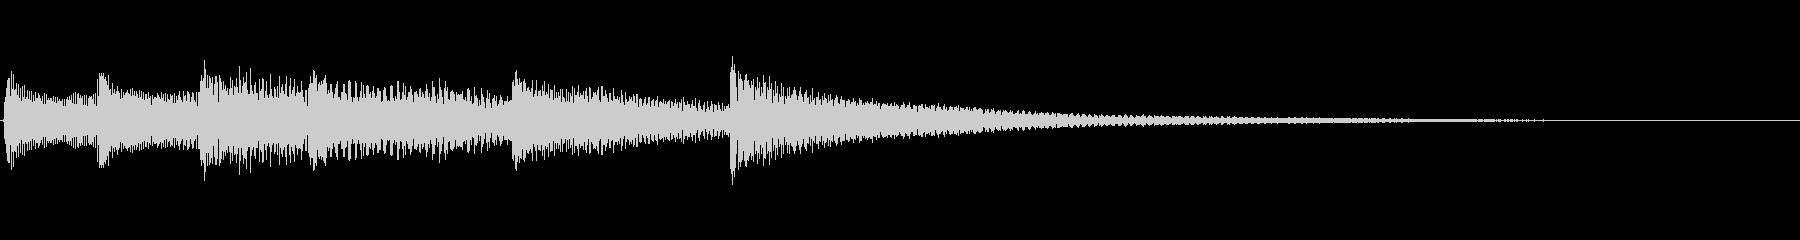 【生演奏】シリアス雰囲気のピアノジングルの未再生の波形